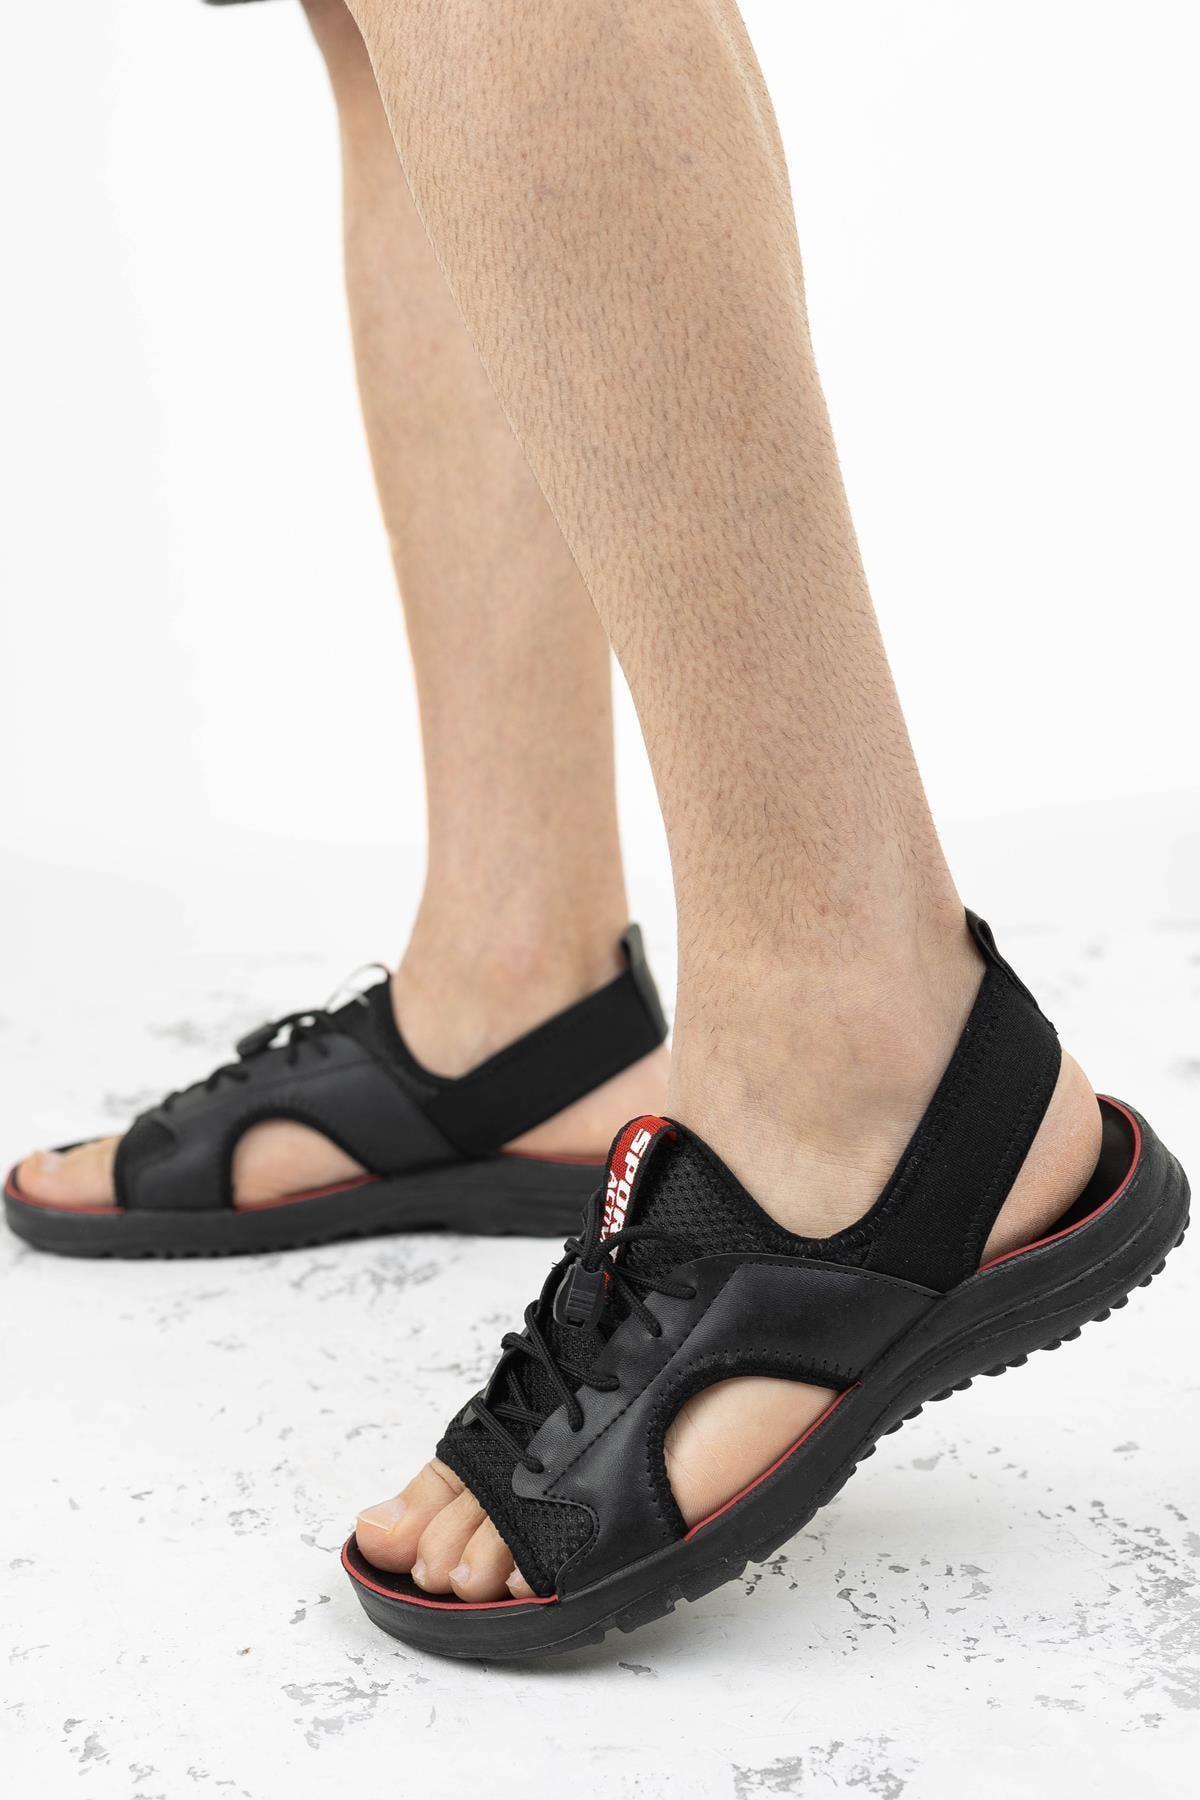 Erkek Sandalet Cırtlı Yazlık Ayakkabı Gz-11052